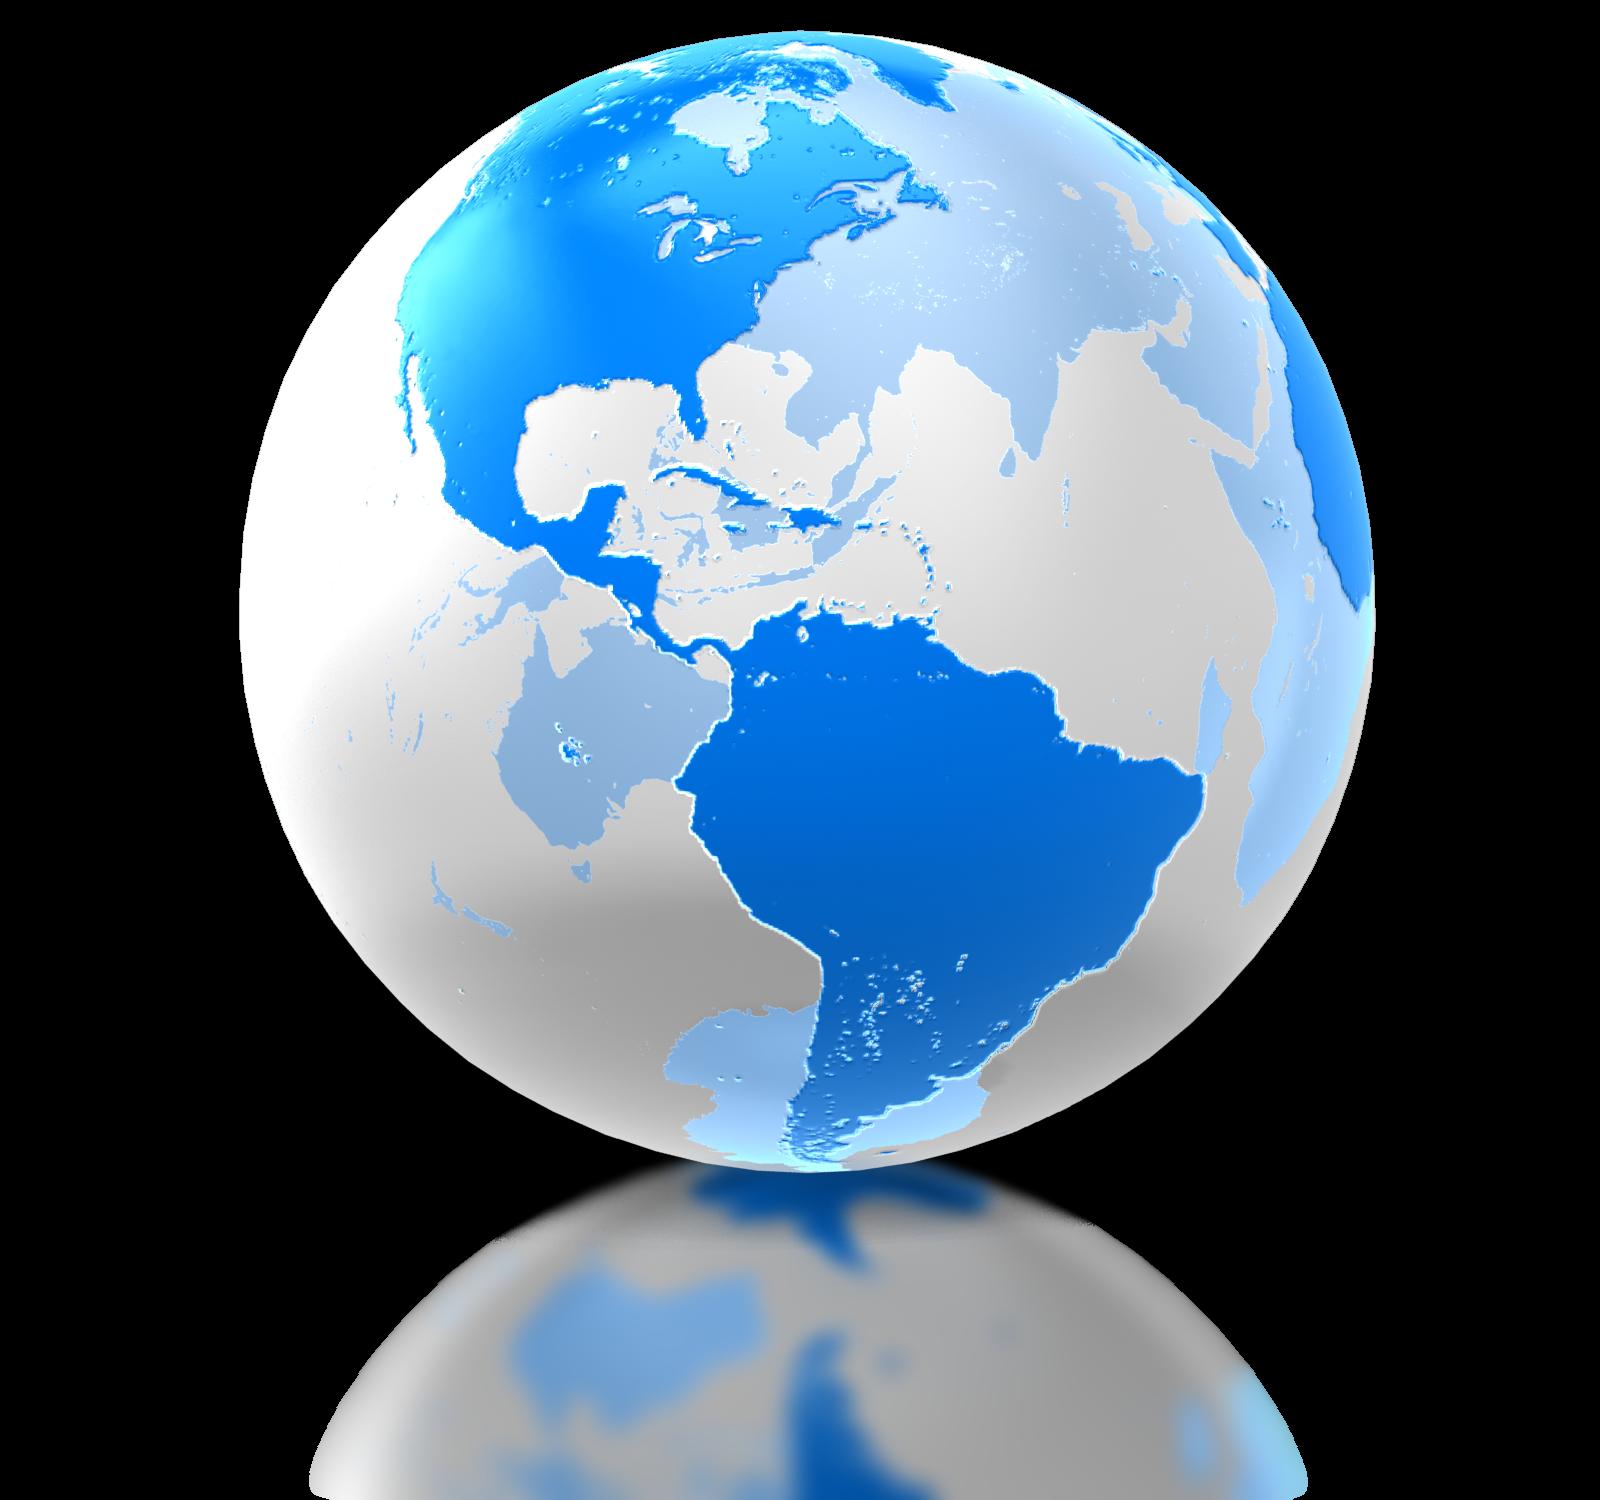 vector freeuse download World PNG Transparent Image